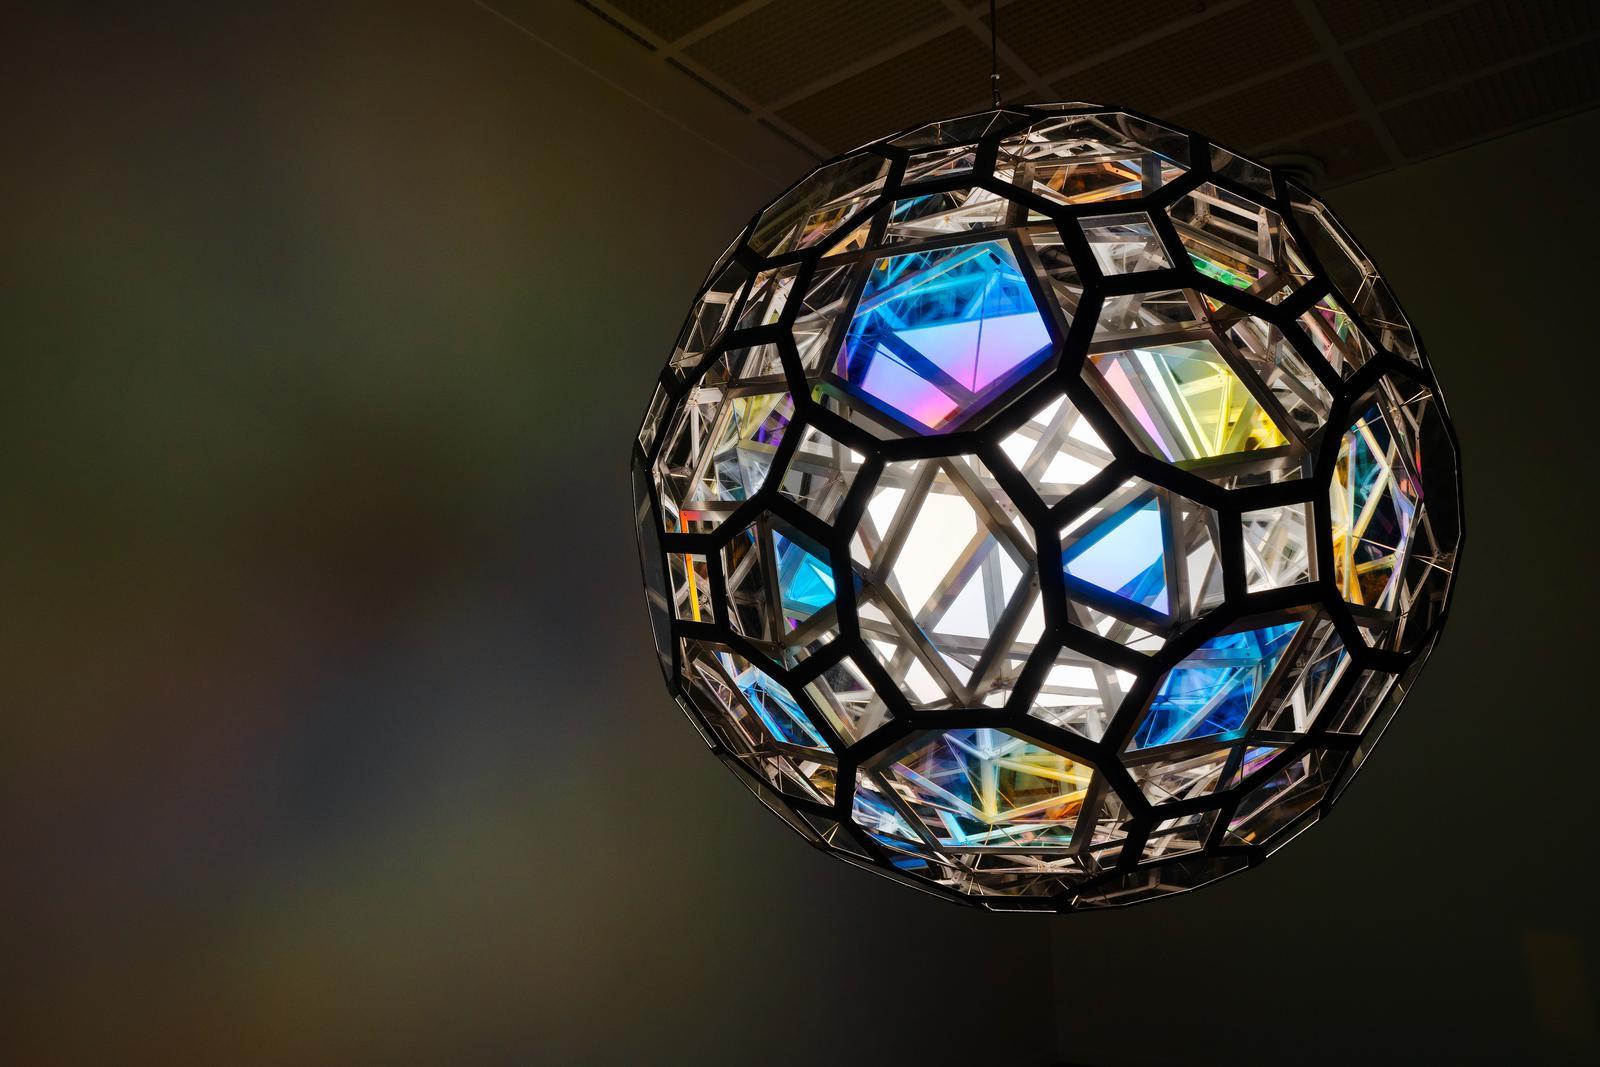 Weather orb (Időjárás gömb), 2020, Kunsthaus Zürich, Fotó: Franca Candrian